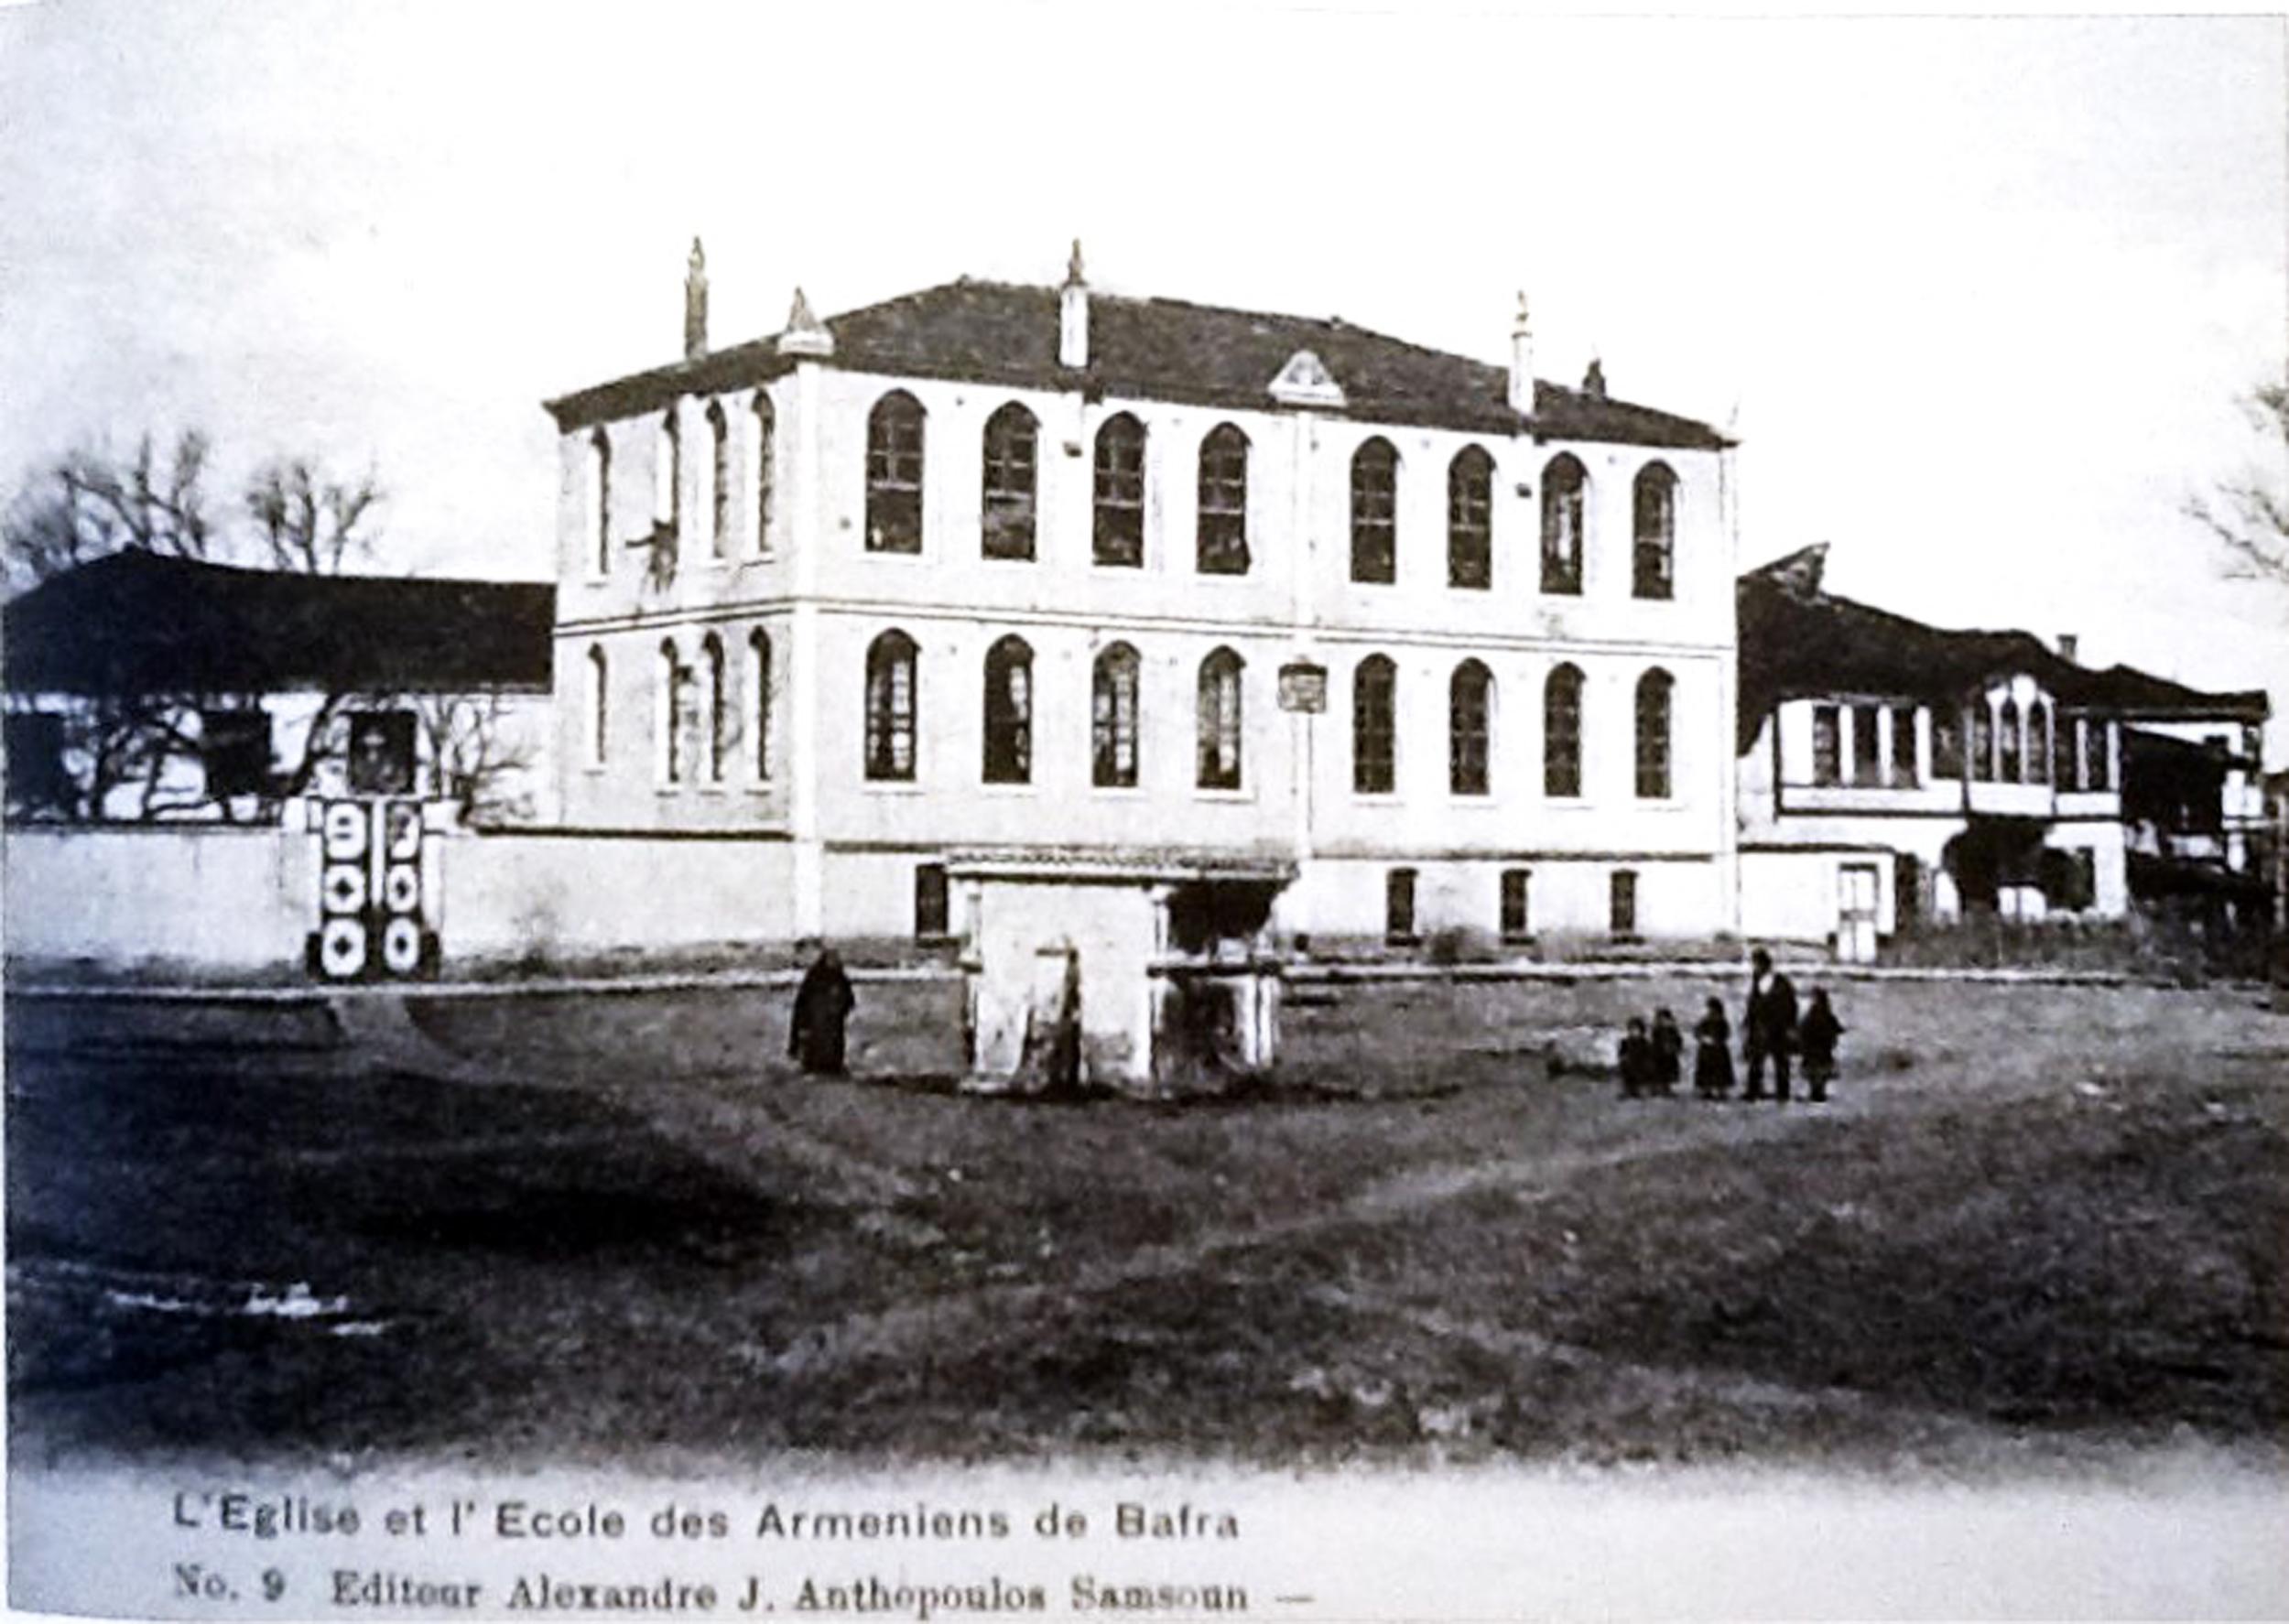 Samsun Bafra Ermeni Okulu ve Kilisesi.jpg